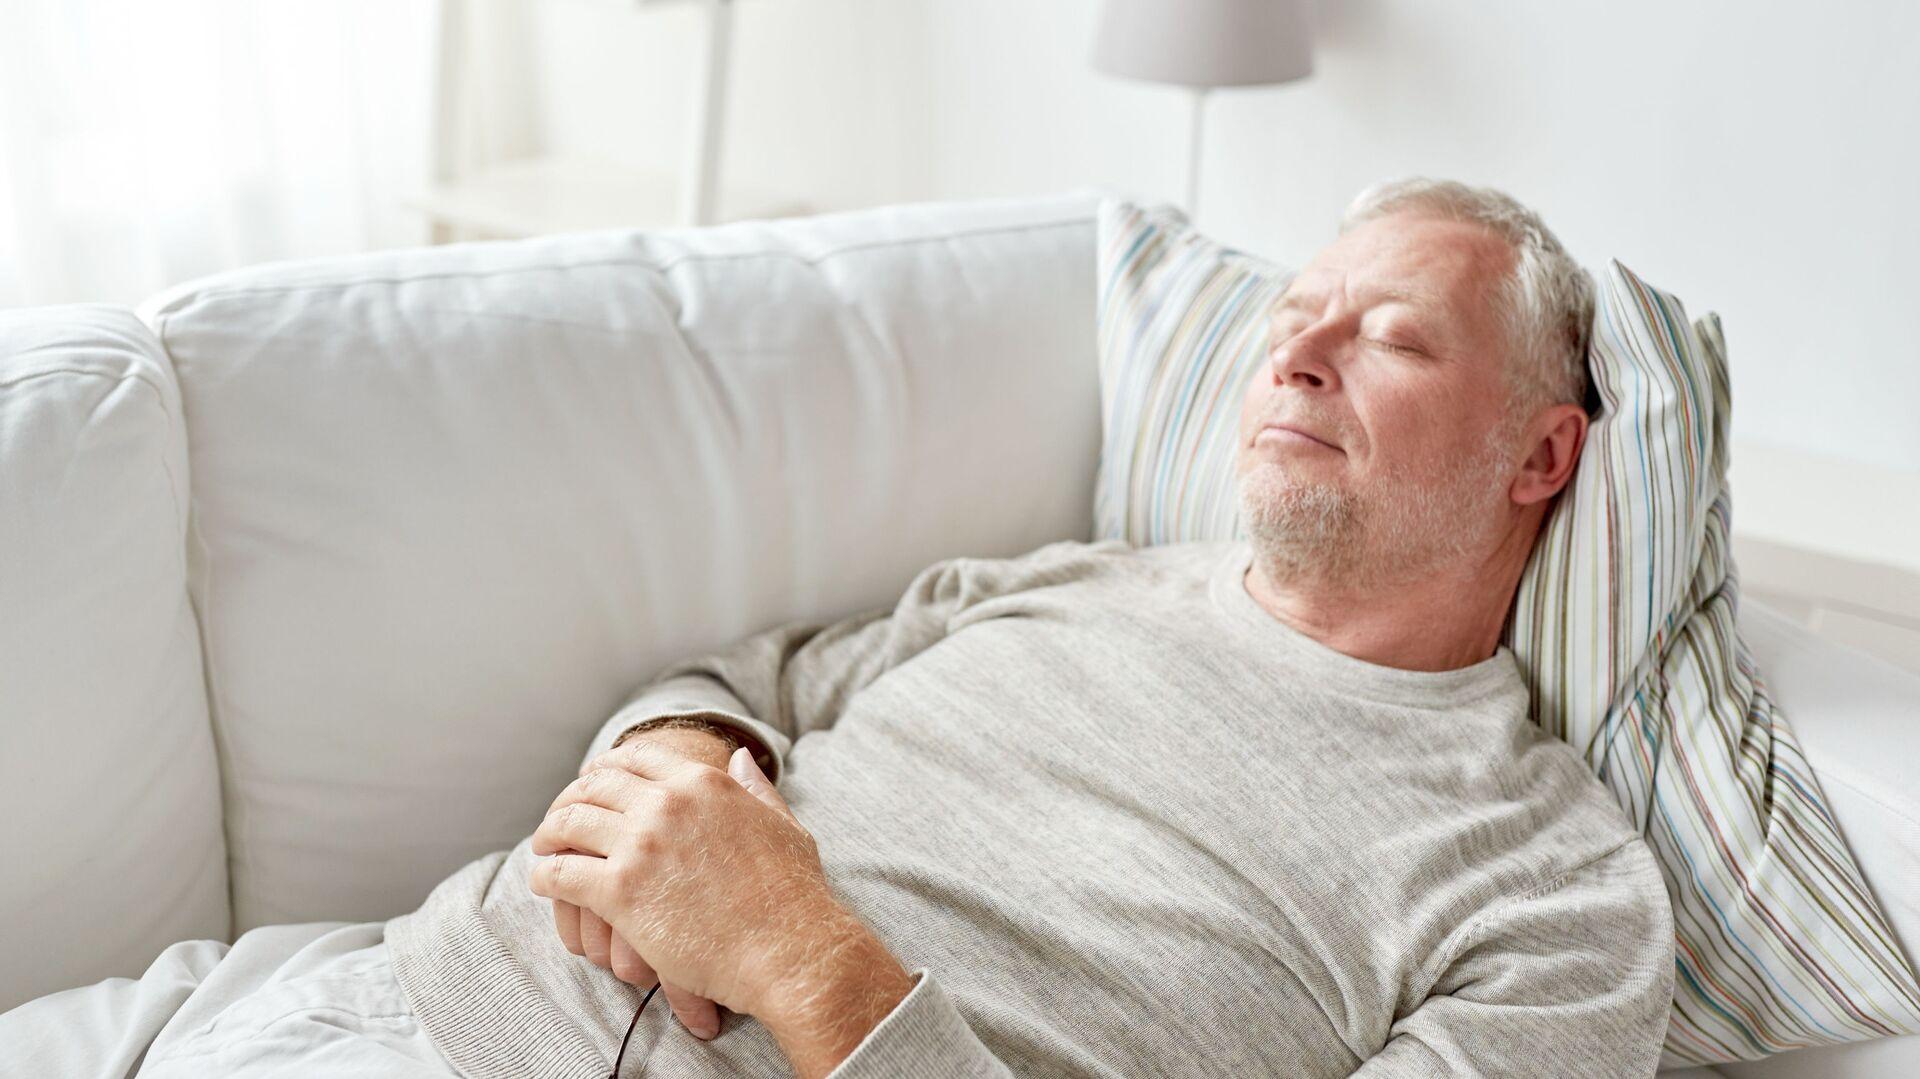 Un uomo sta dormendo sul divano - Sputnik Italia, 1920, 15.09.2021